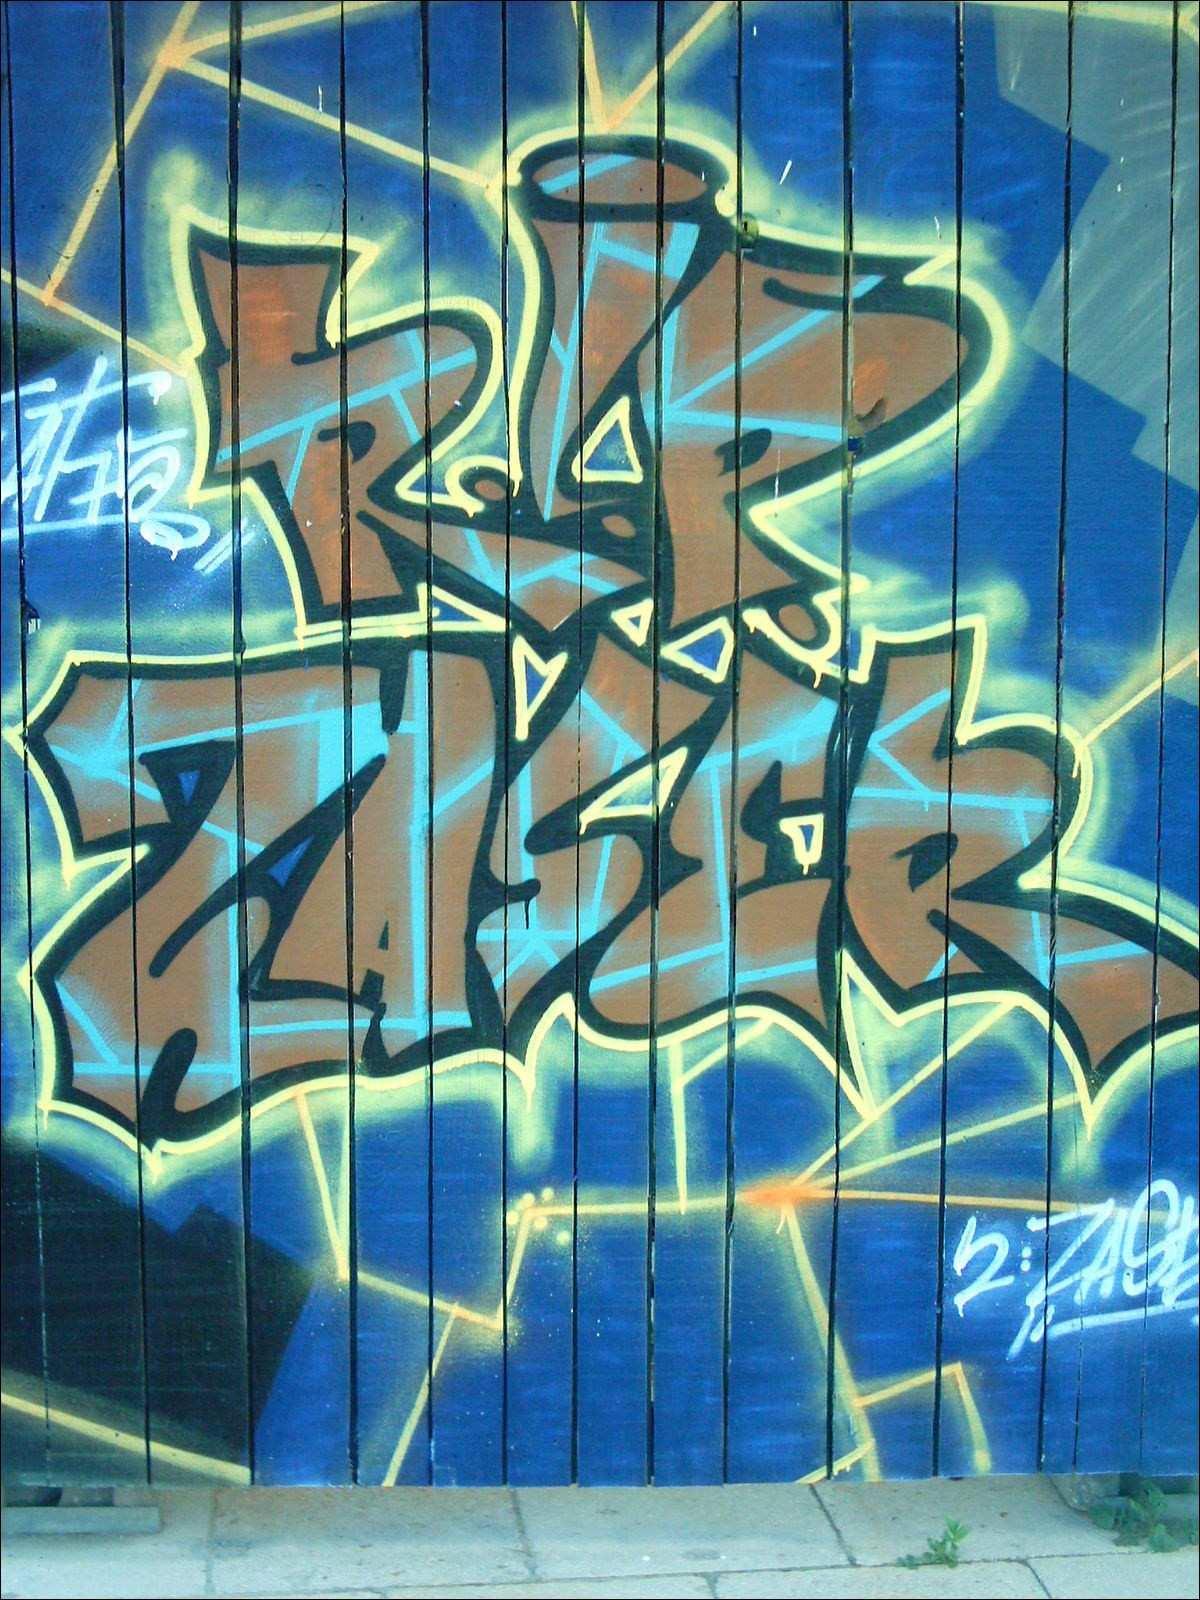 Coole Ausmalbilder Graffiti Einzigartig Graffiti Bilder Zum Ausdrucken Und Ausmalen Foto 40 Graffiti Das Bild